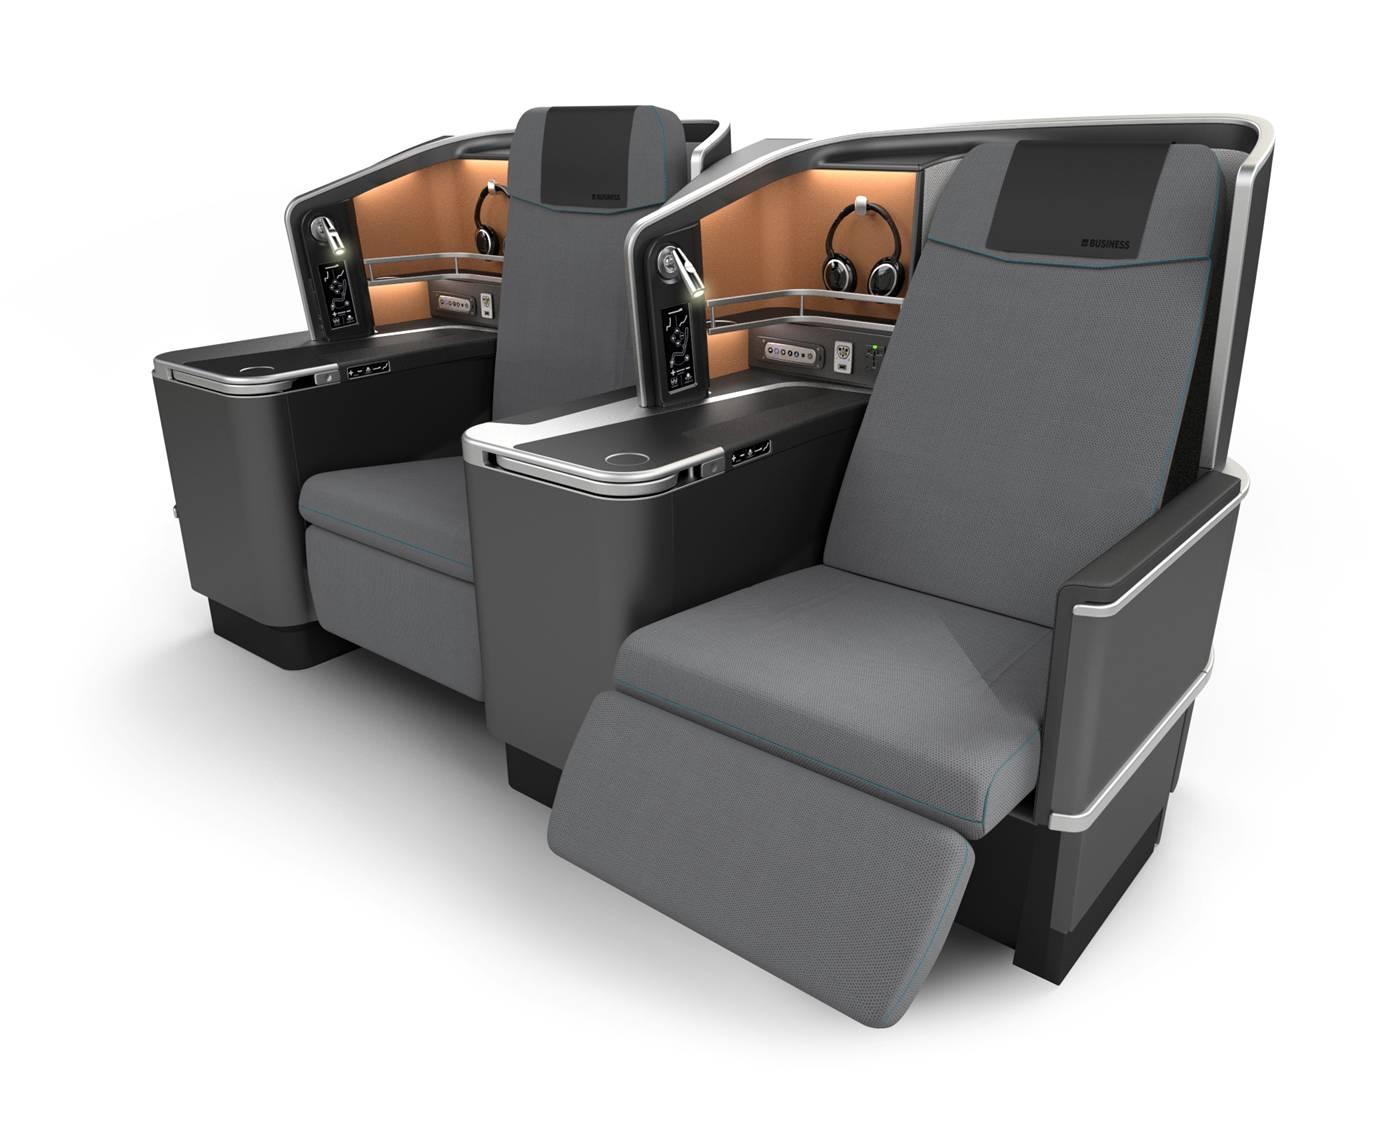 Valamint a vadonatúj SAS Business, masszázs funkciós, sík ággyá alakítható ülések. (Fotó: SAS) | © AIRportal.hu